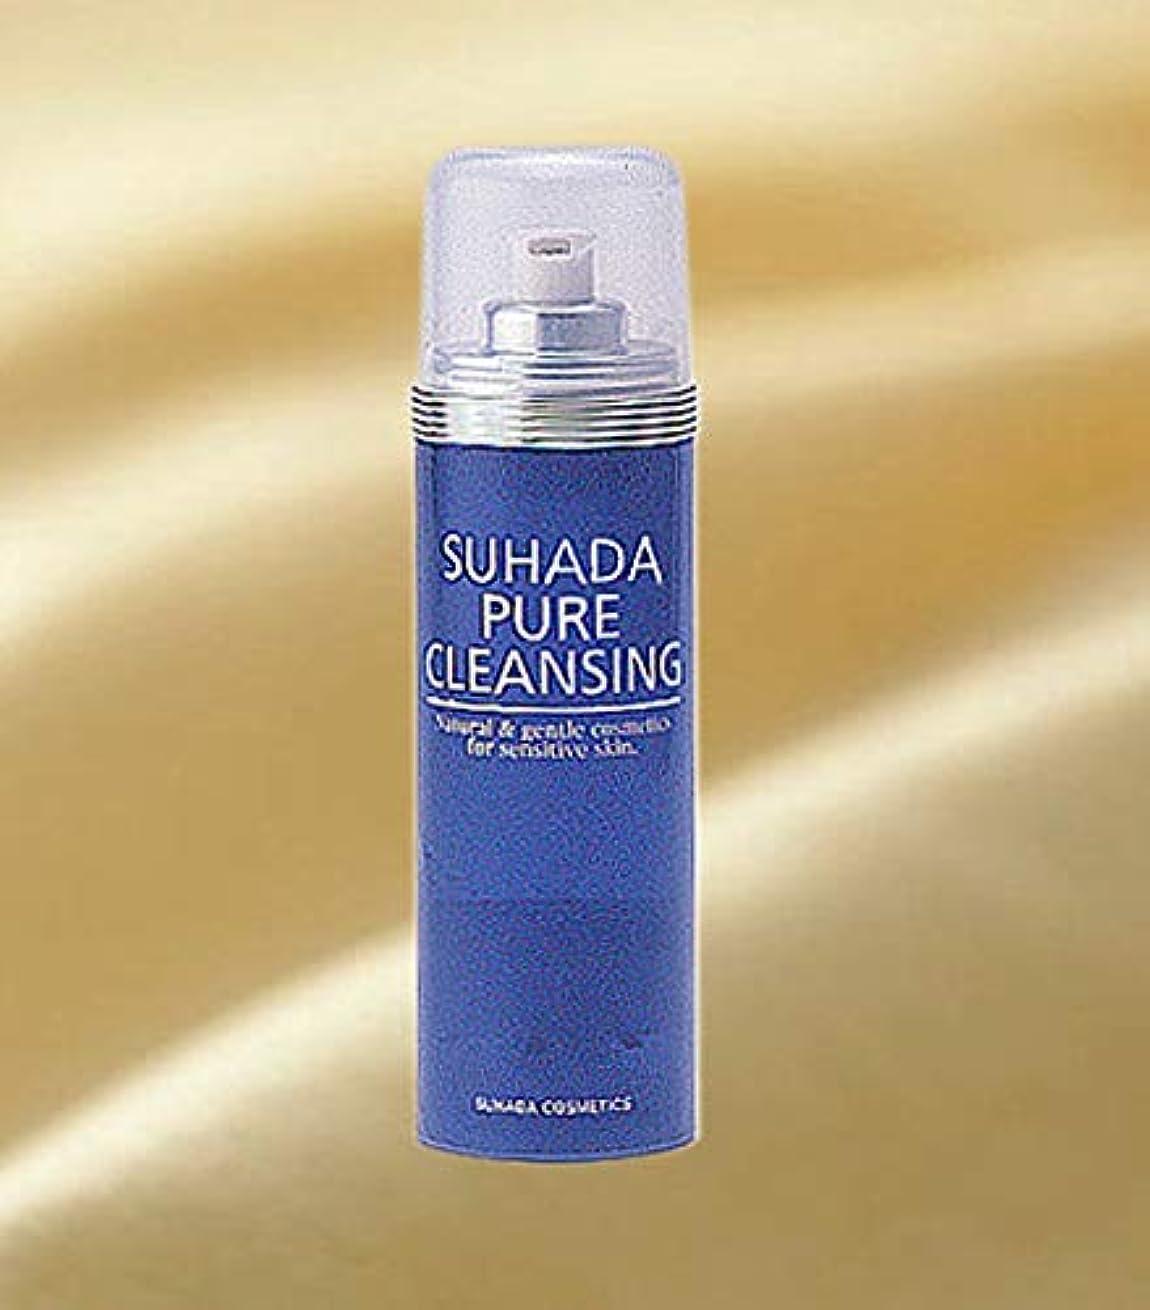 底梨パートナースハダ ピュアクレンジング(130g) Suhada Pure Cleansing